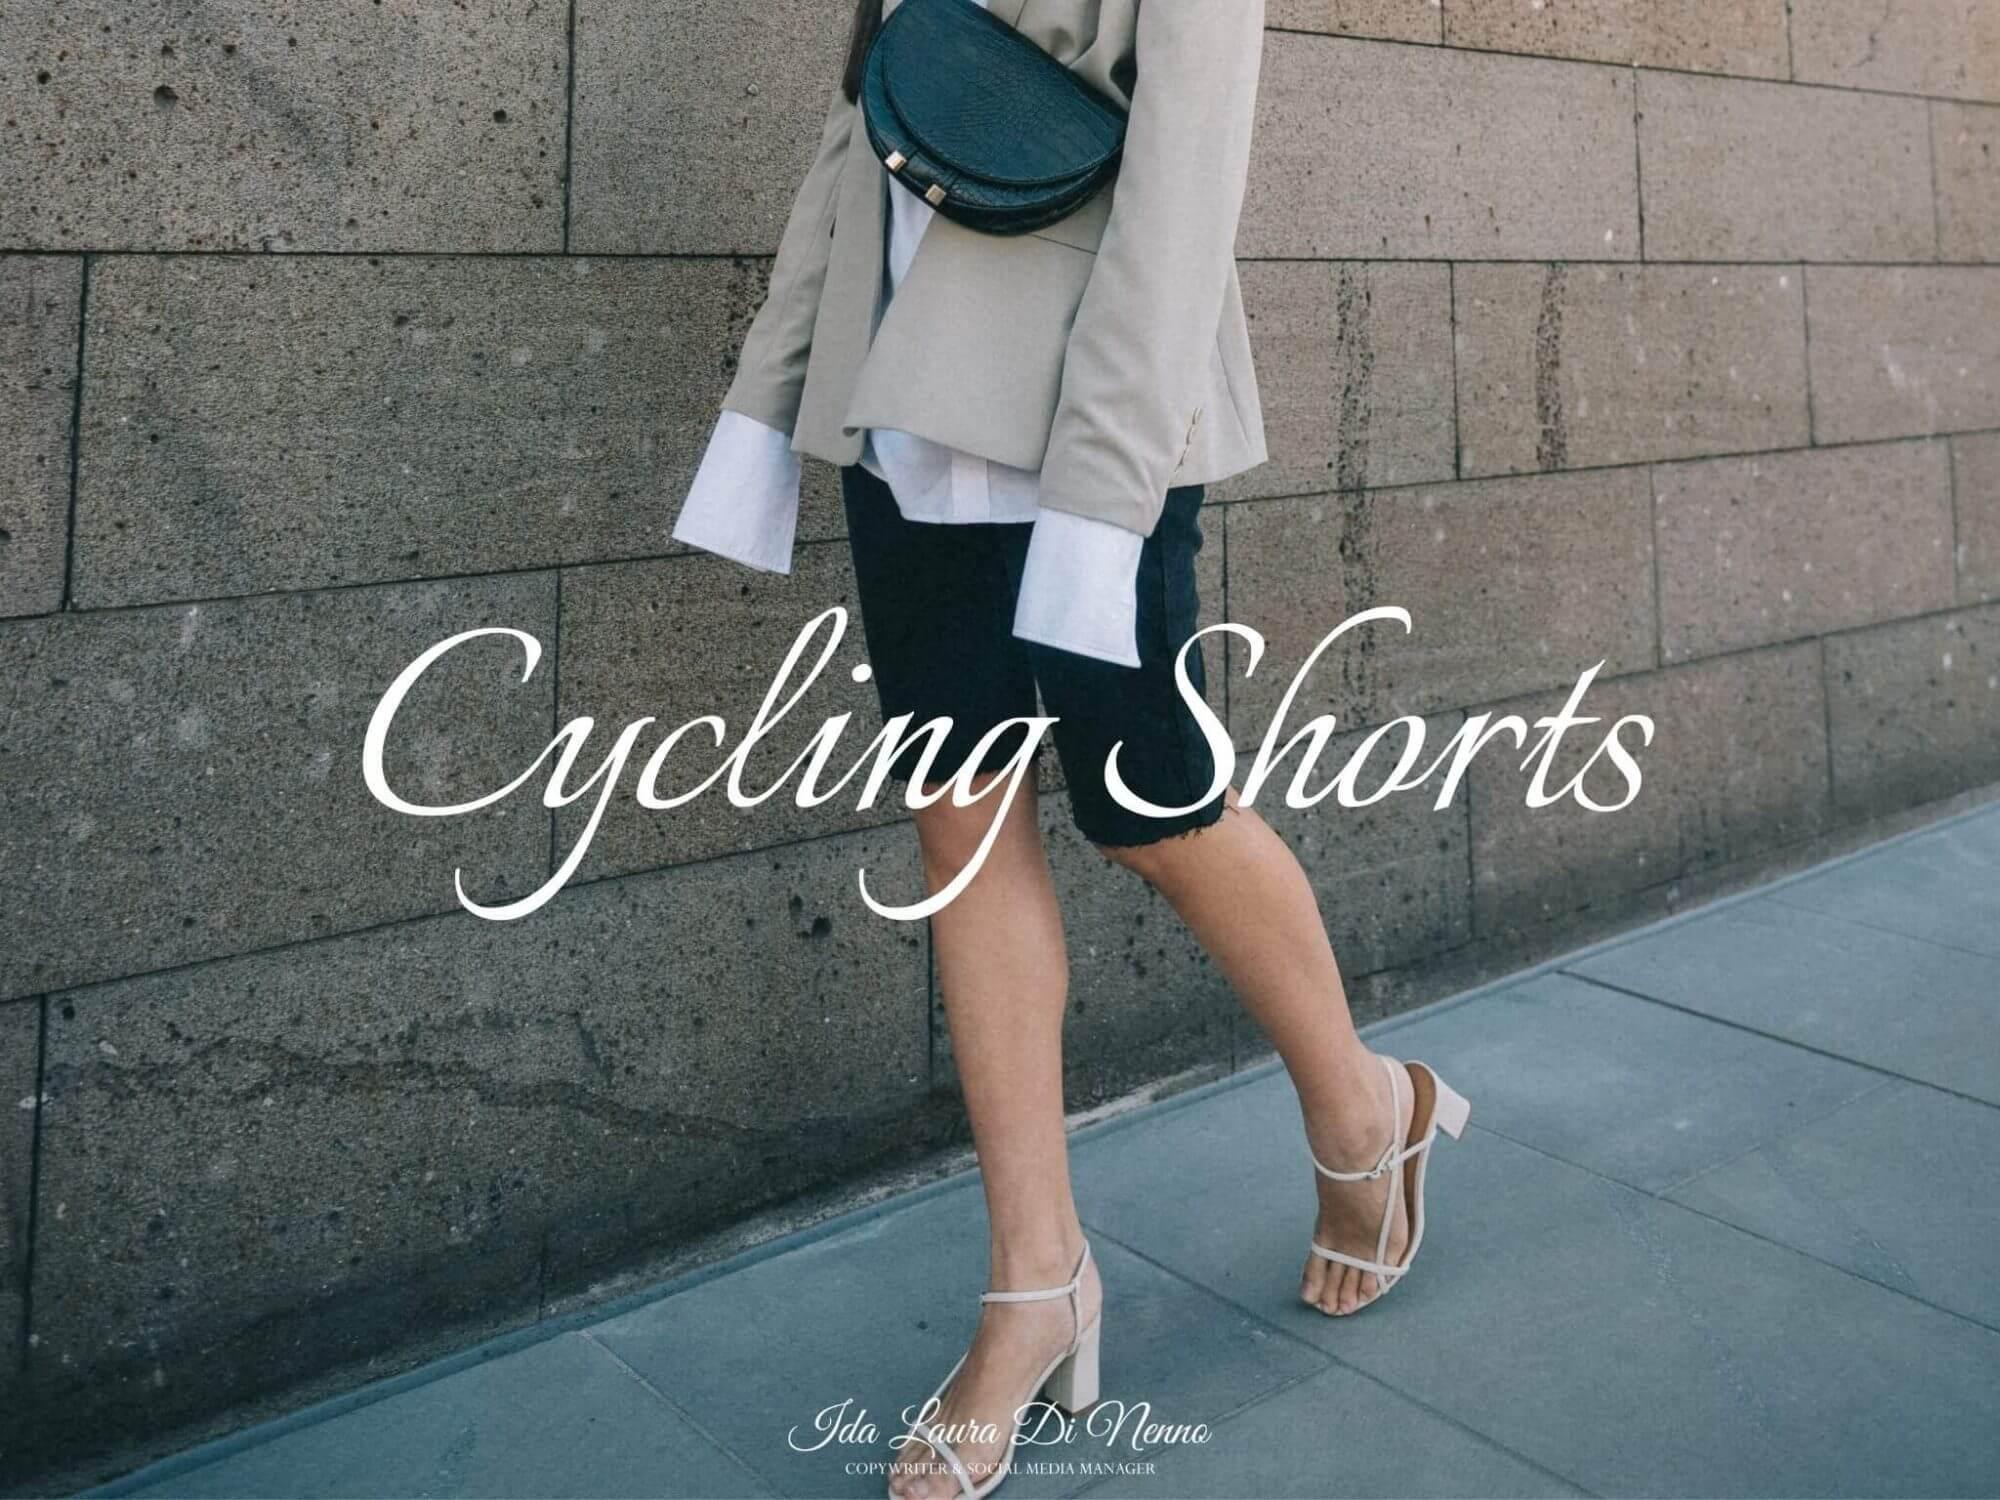 Cycling Shorts: un ritorno agli anni '90